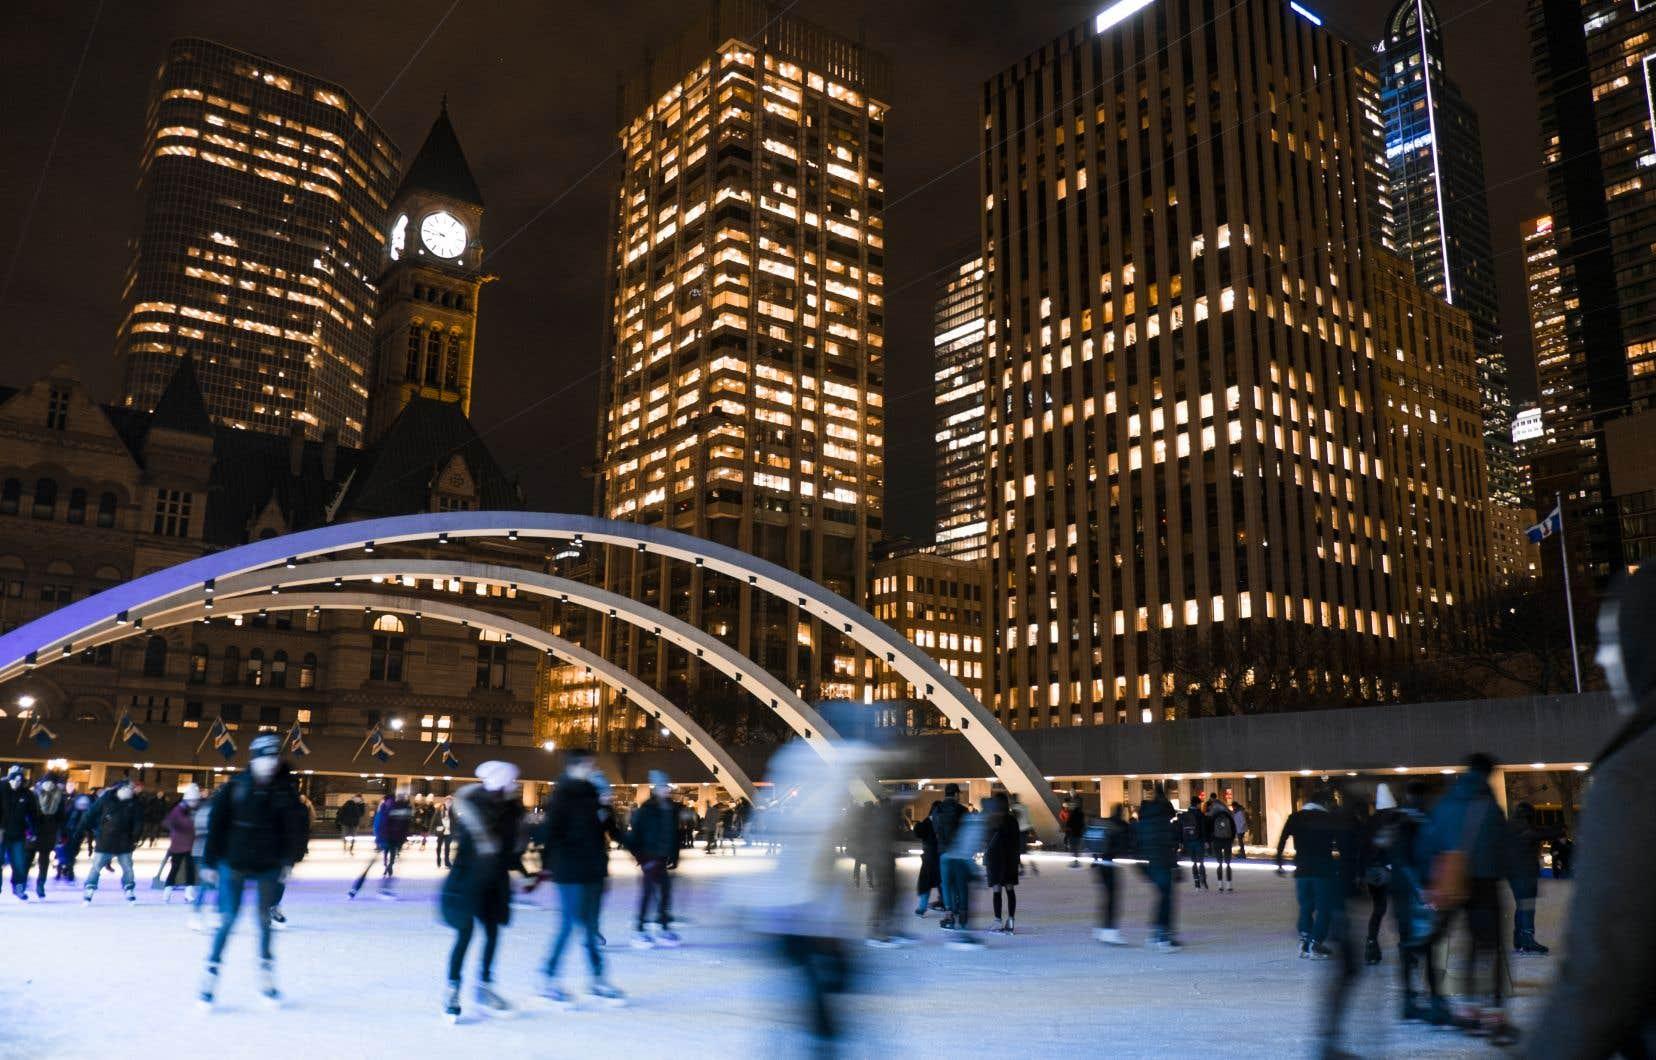 C'est un rendez-vous sur le rond de glace du Nathan Phillips Square.